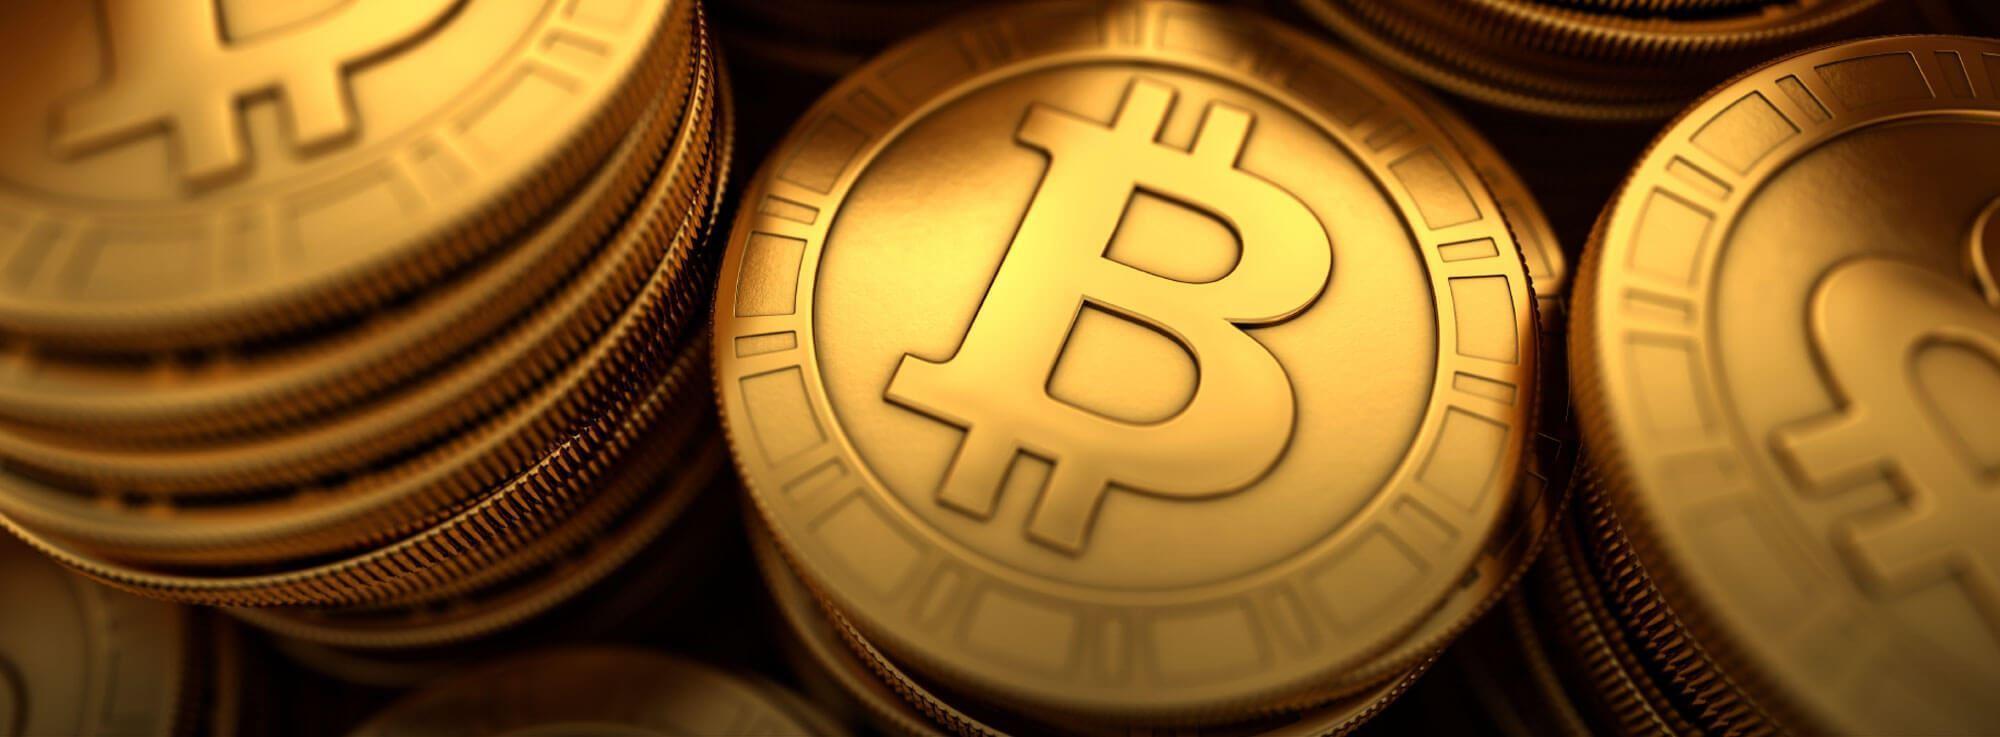 Bari: Bitcoin cos'è e come funziona